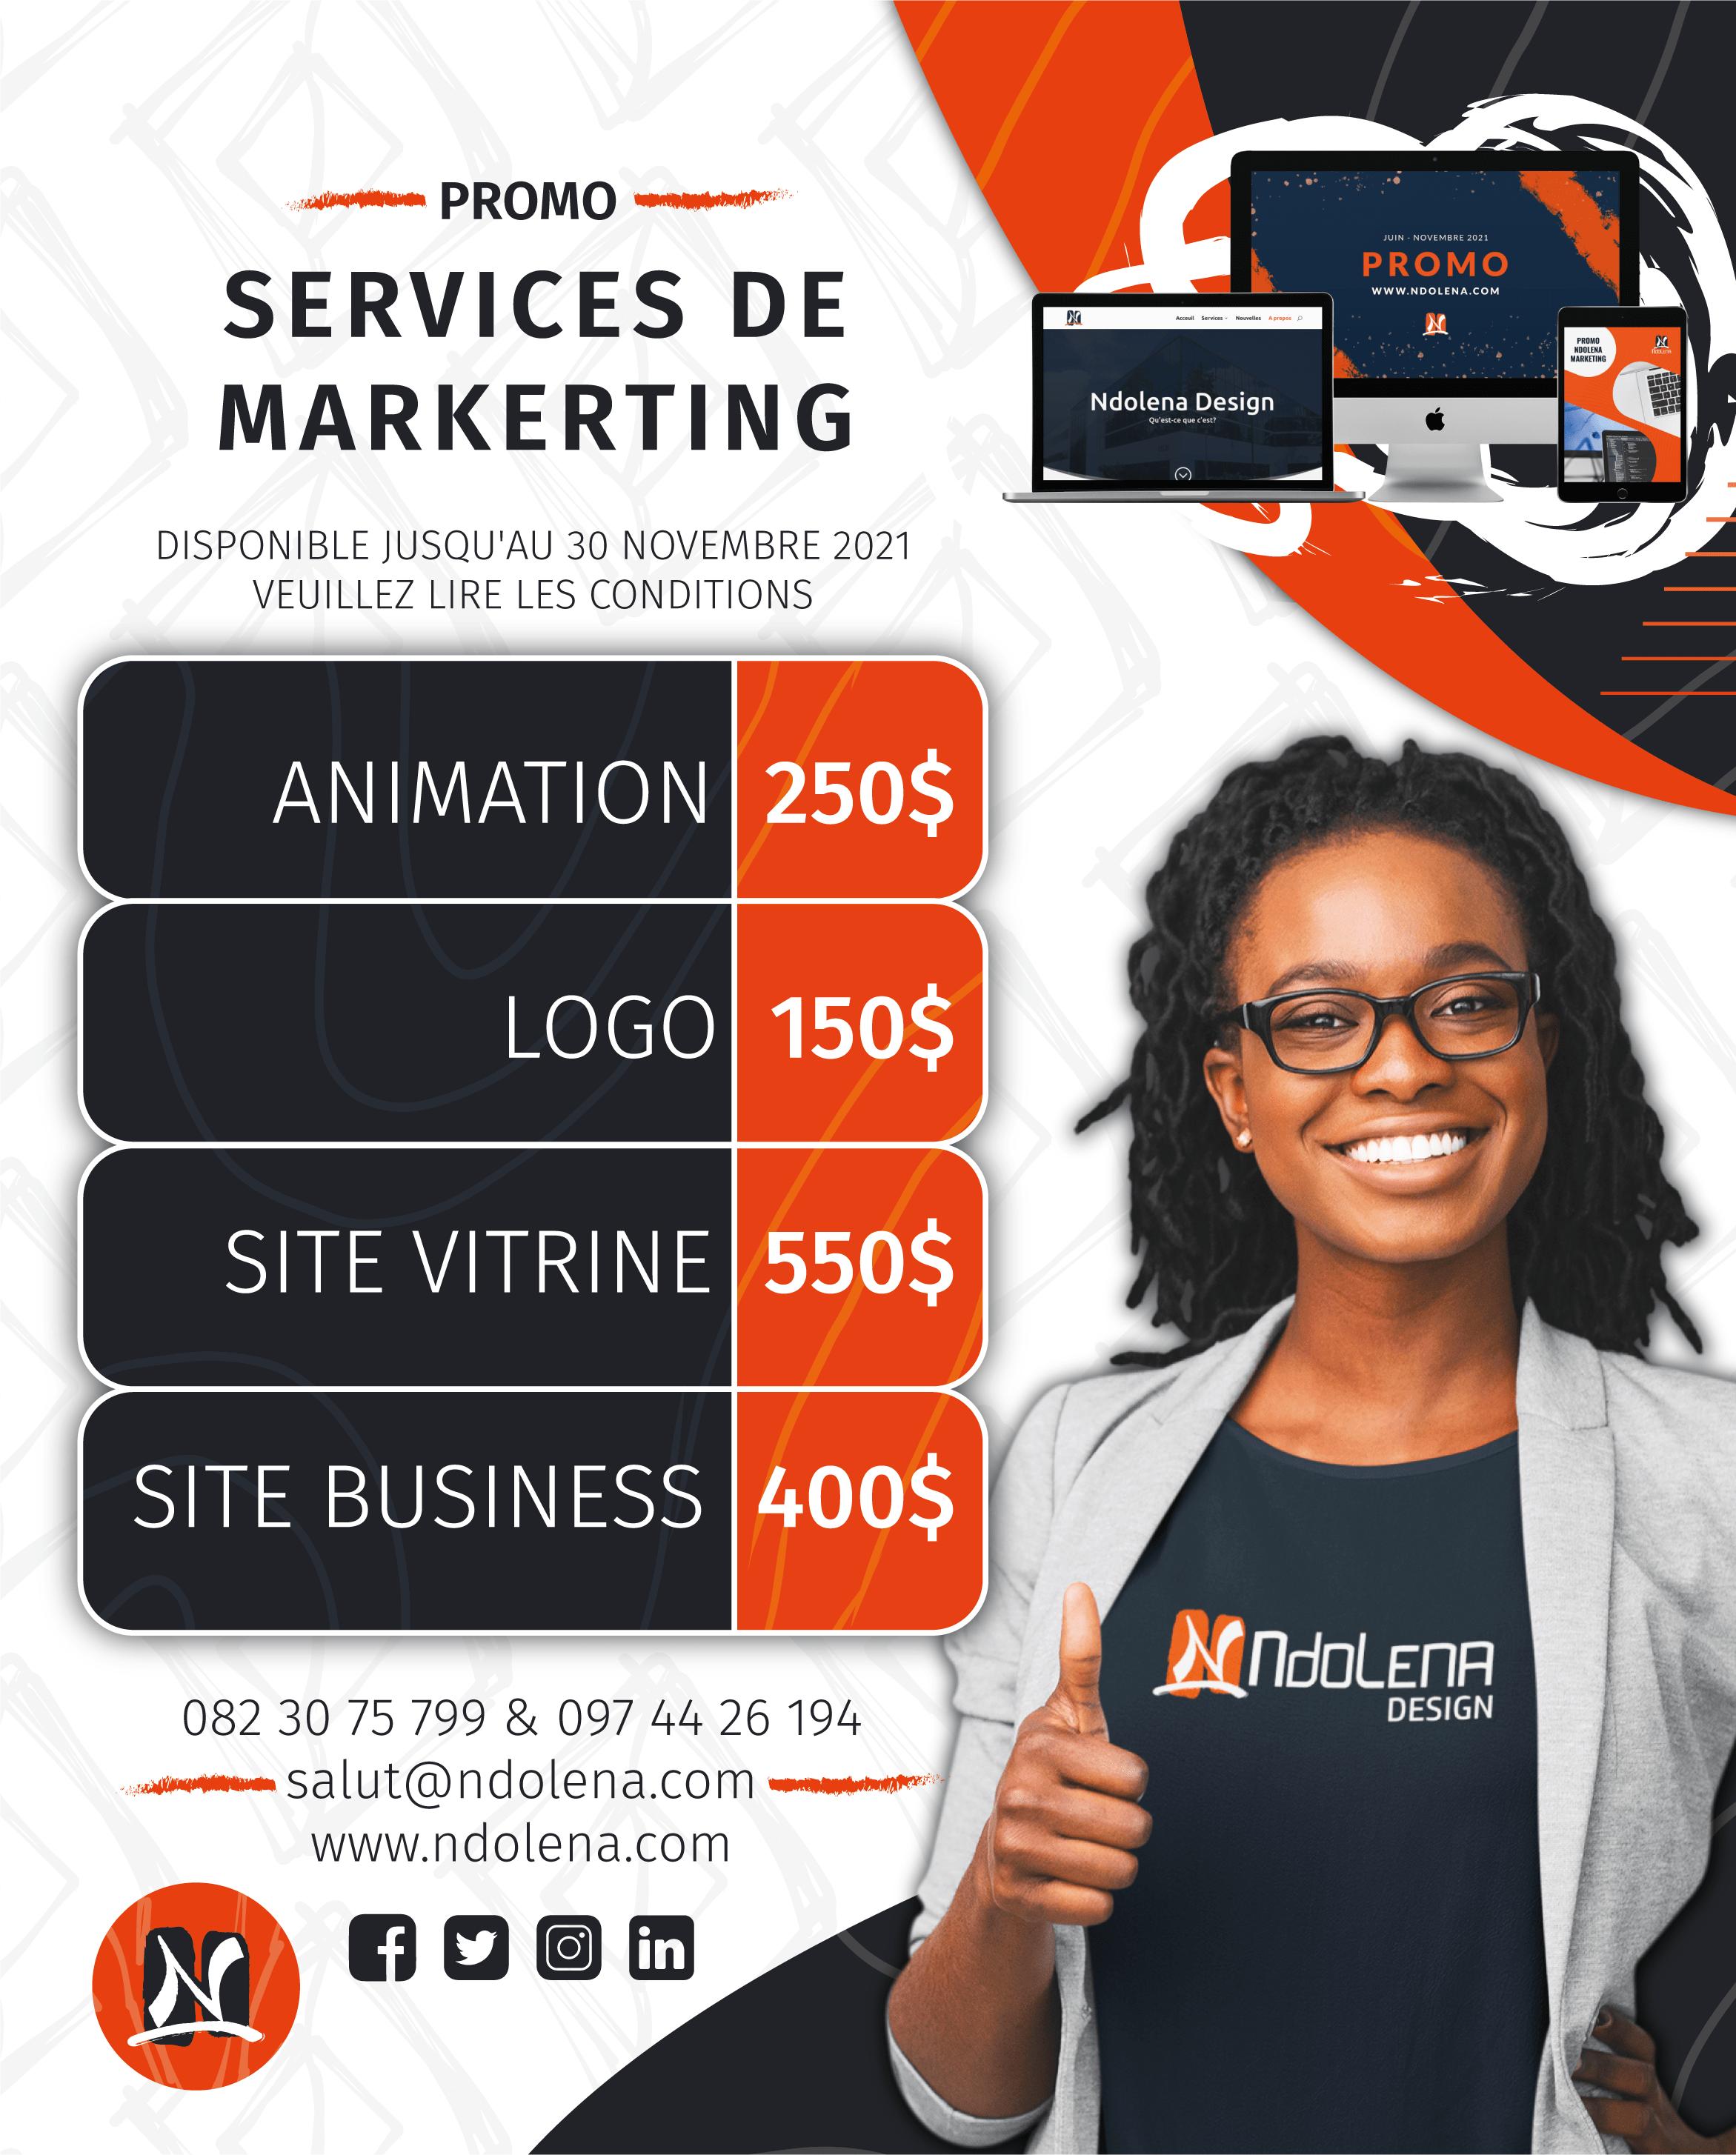 FR Flyer Promotion 2021 - Insta final_Graphic Design-min